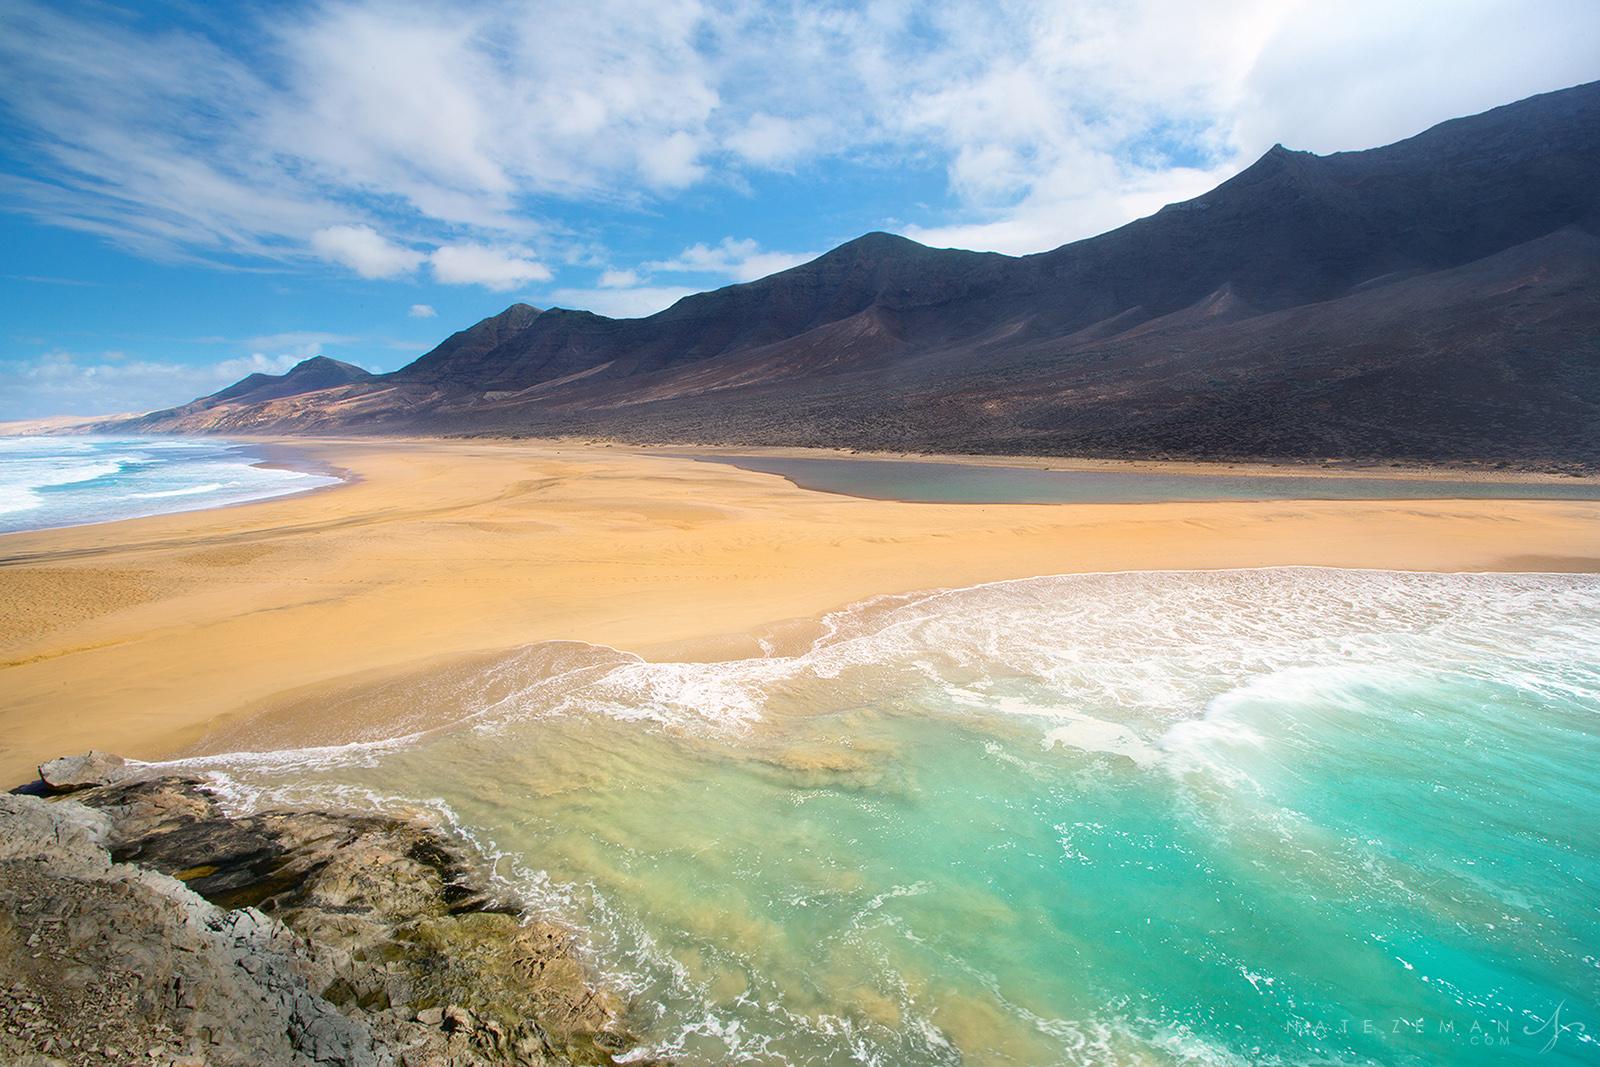 5 playas alrededor del mundo que te harán volar la mente